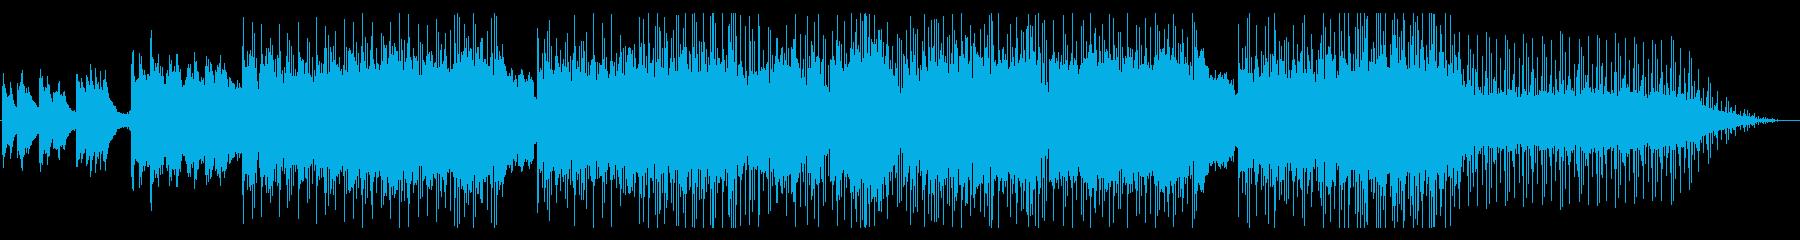 奥行きのあるニューエイジ・ピアノバラードの再生済みの波形